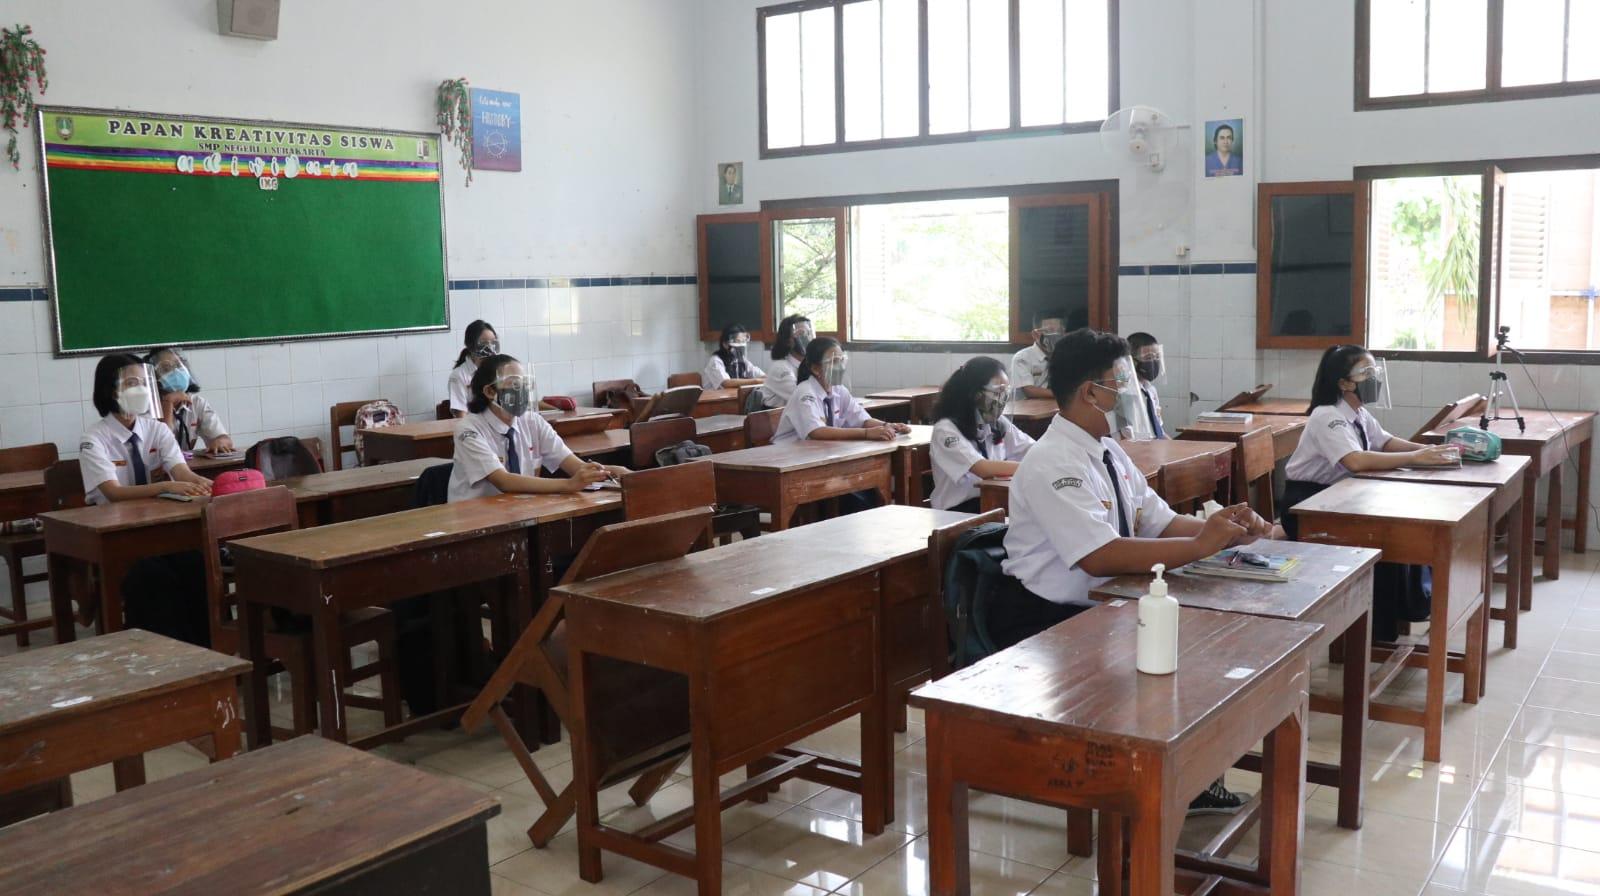 Hasil Sidak Komisi IV, Begini Proses PTM di Sejumlah SMP Kota Surakarta